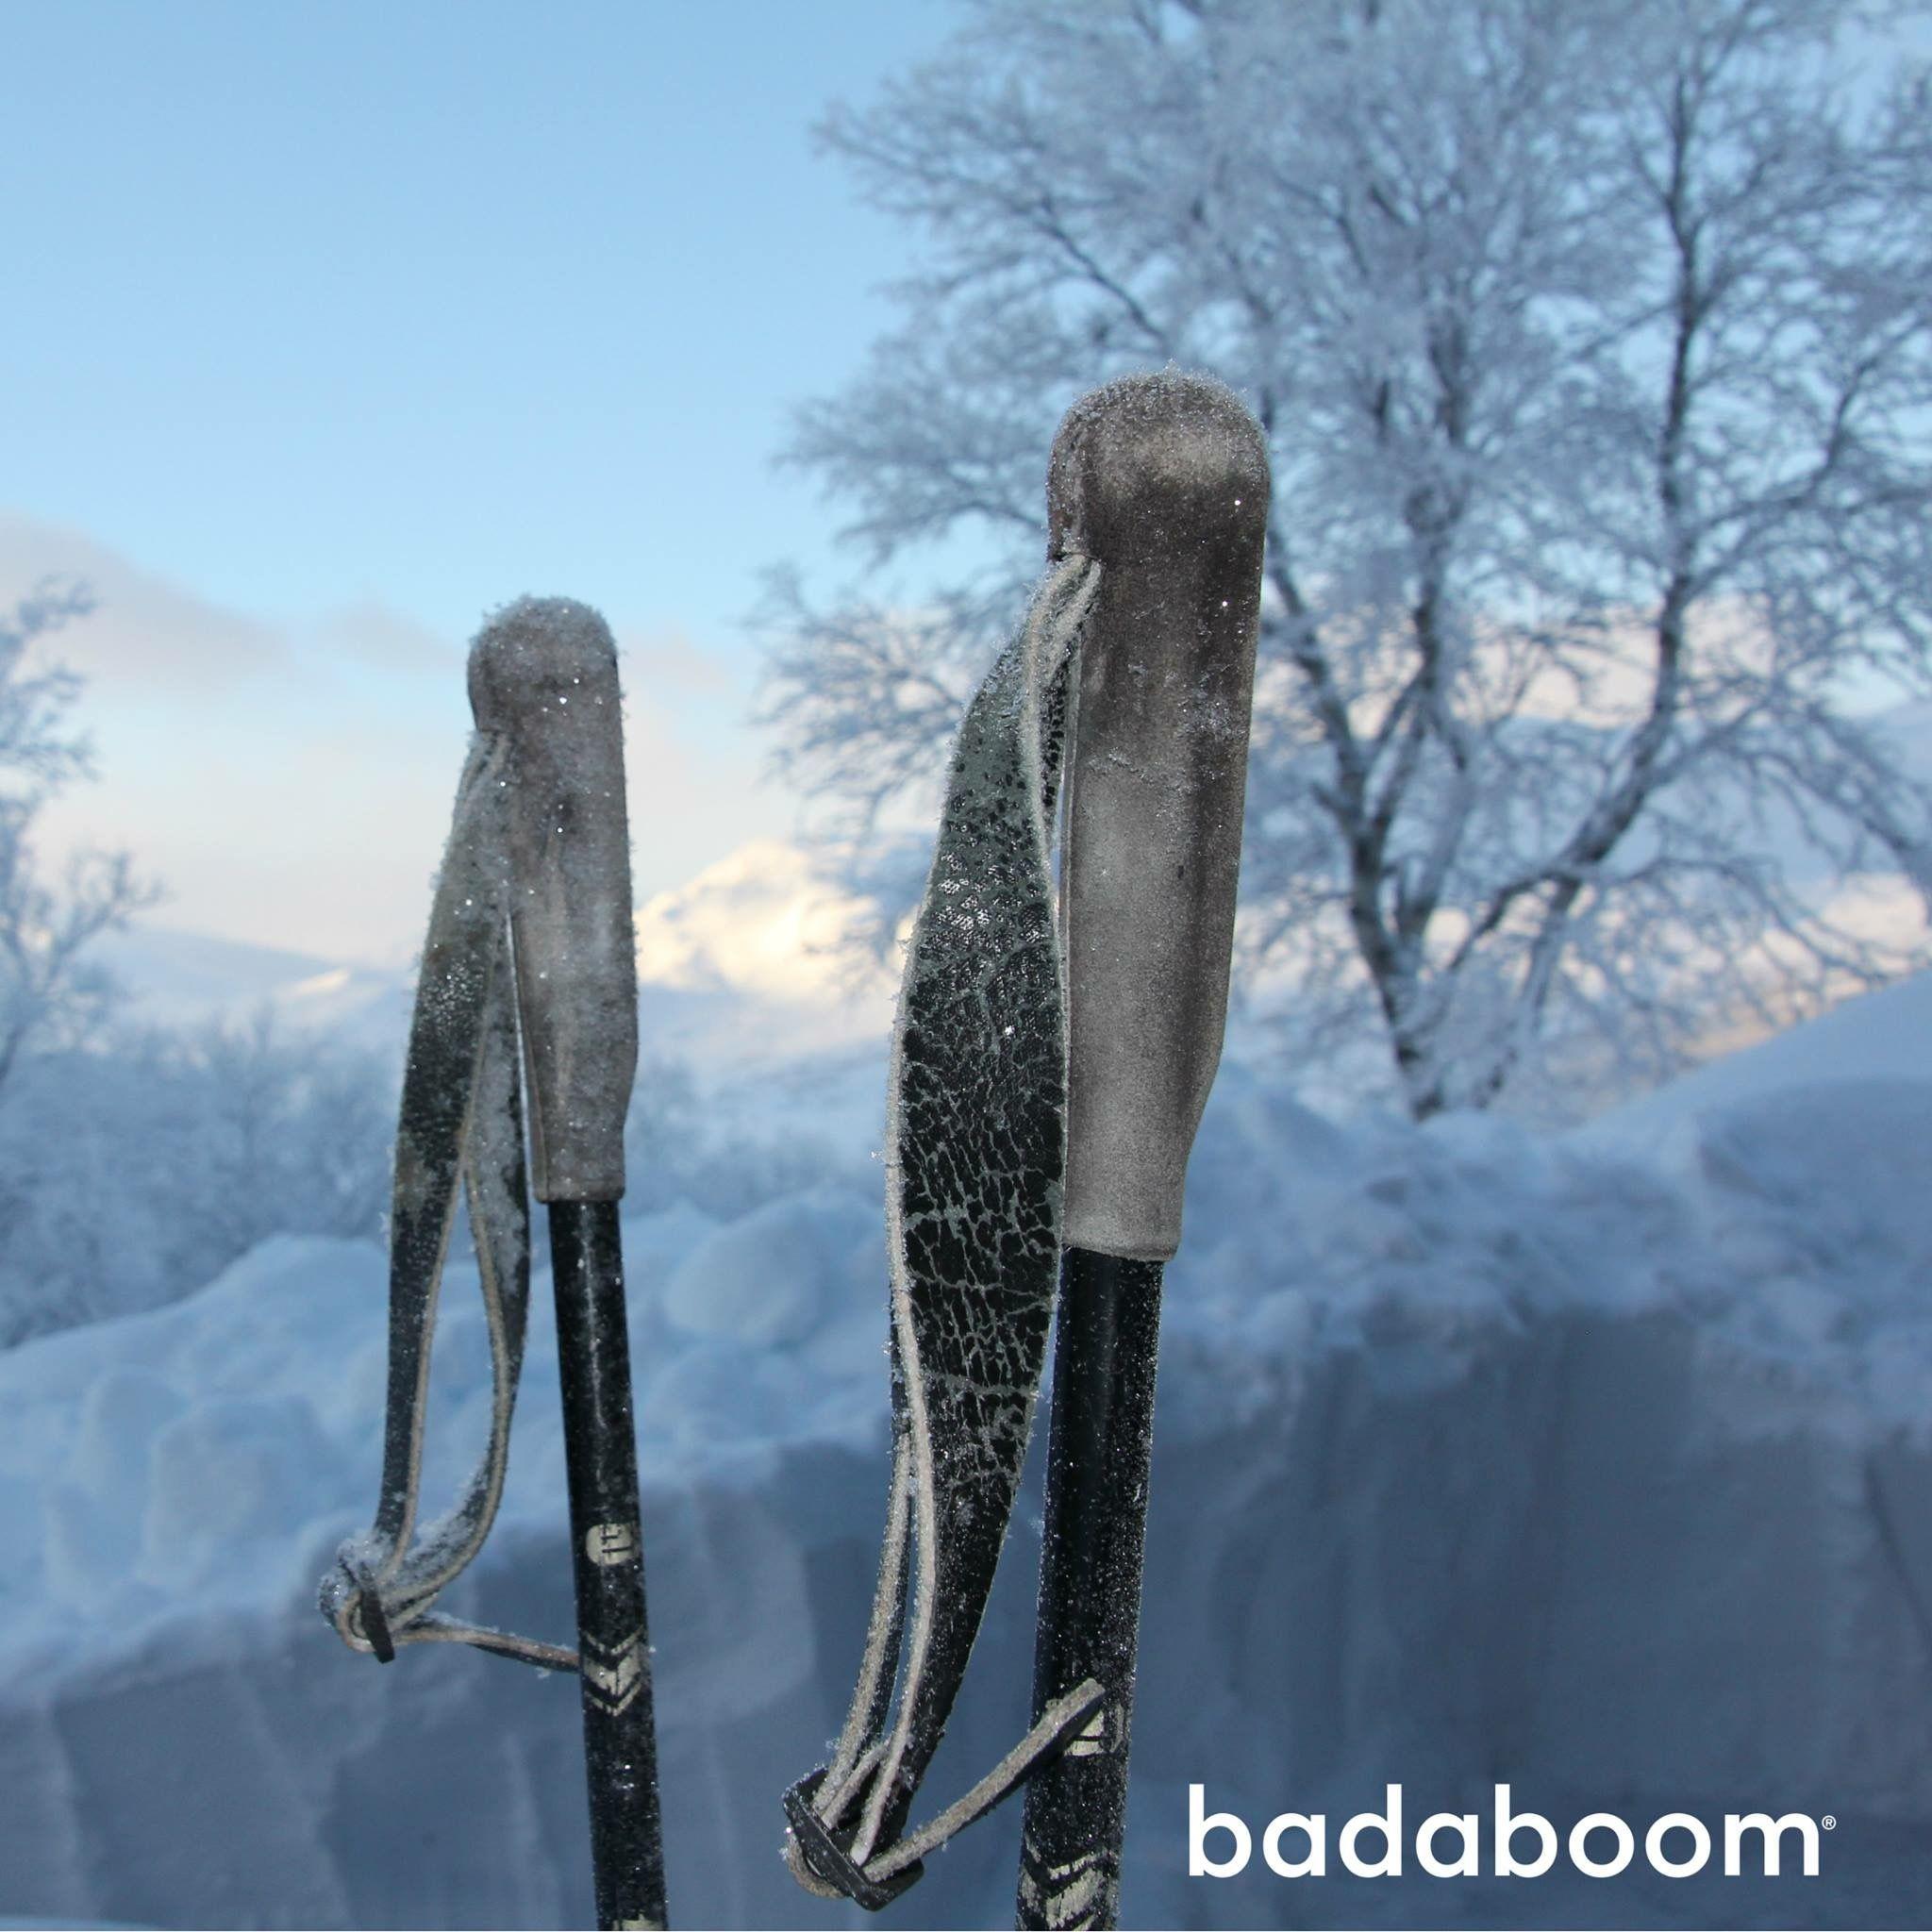 #badaboom #magisk #bambusinnerst #kroppsnær #bambus #ull #bomull #silke #bambusviskose #design #scandinaviandesign #scandinavian #norsk #grunder #bergen #askøy #vestlandet #hverdagslykke #hverdagsmagi #hverdagsluksus #miljøvennlig #eksem #atopiskeksem #mykt #kløfritt #økologisk #trening #superundertøy #klær #undertøy #nettbutikk #sportsundertøy #klærpånett #barneklær #skistaver #ski #vinter #lykke #norsknatur